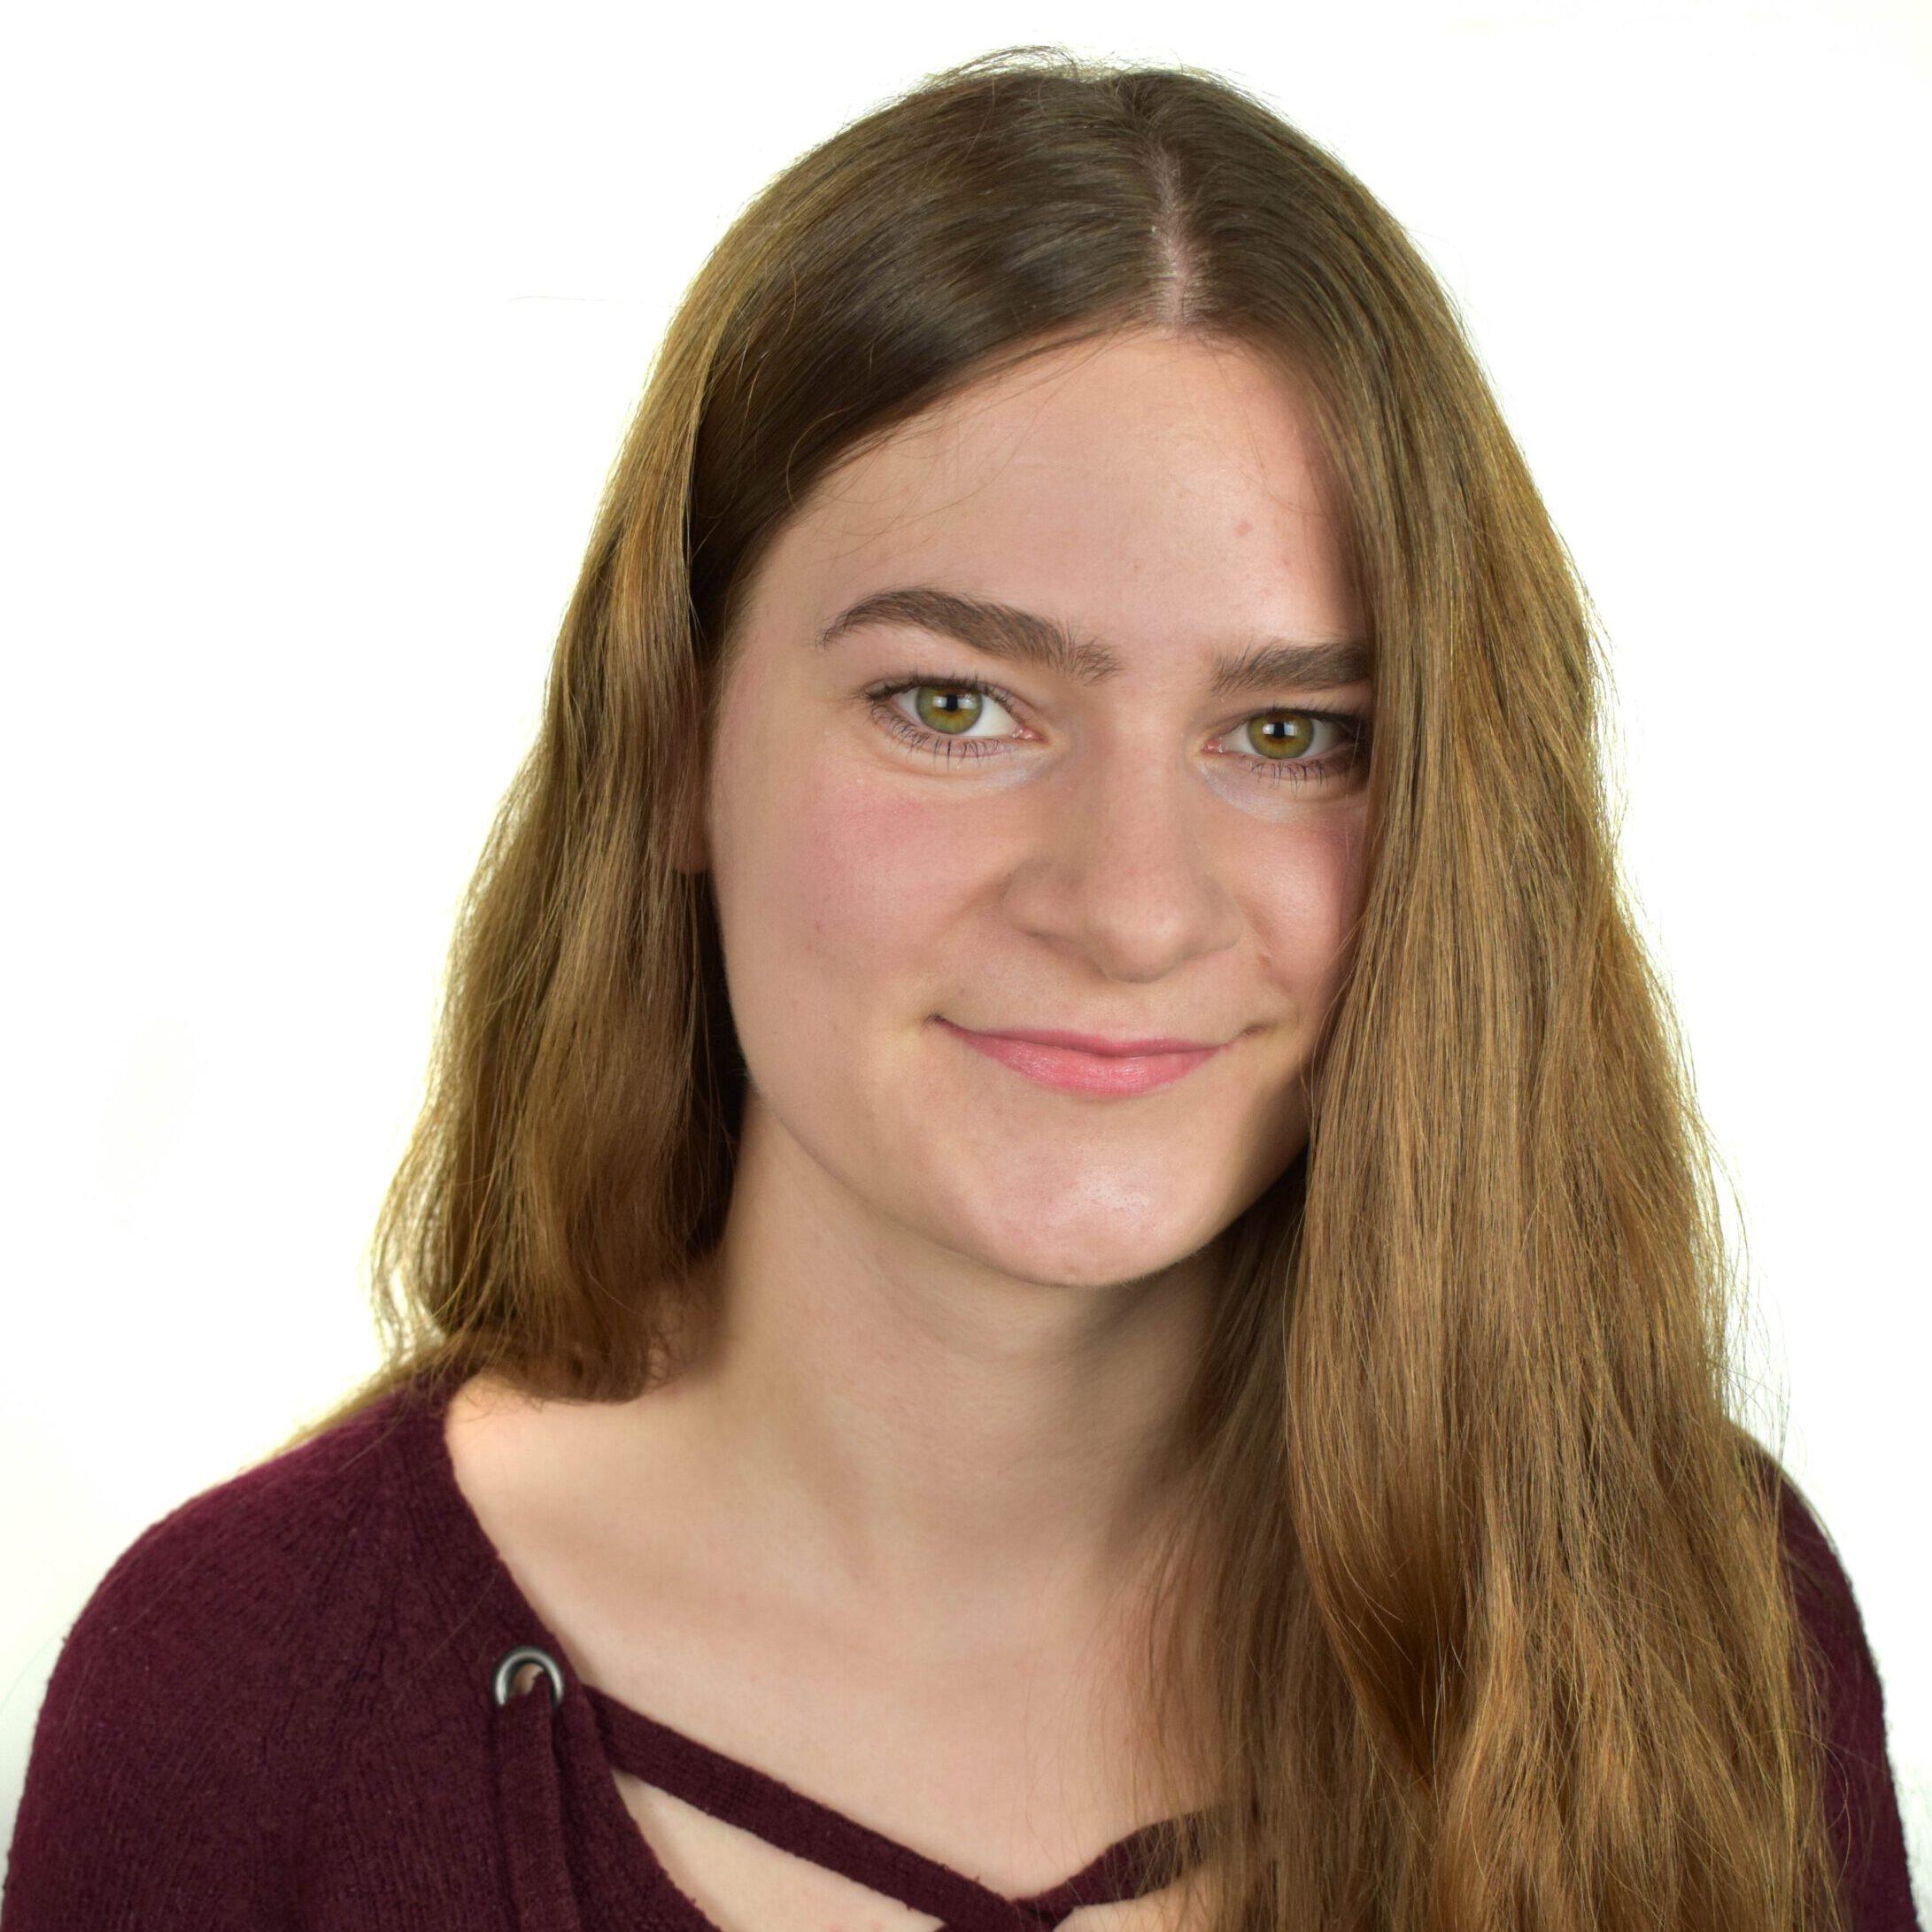 Sophia Spottke